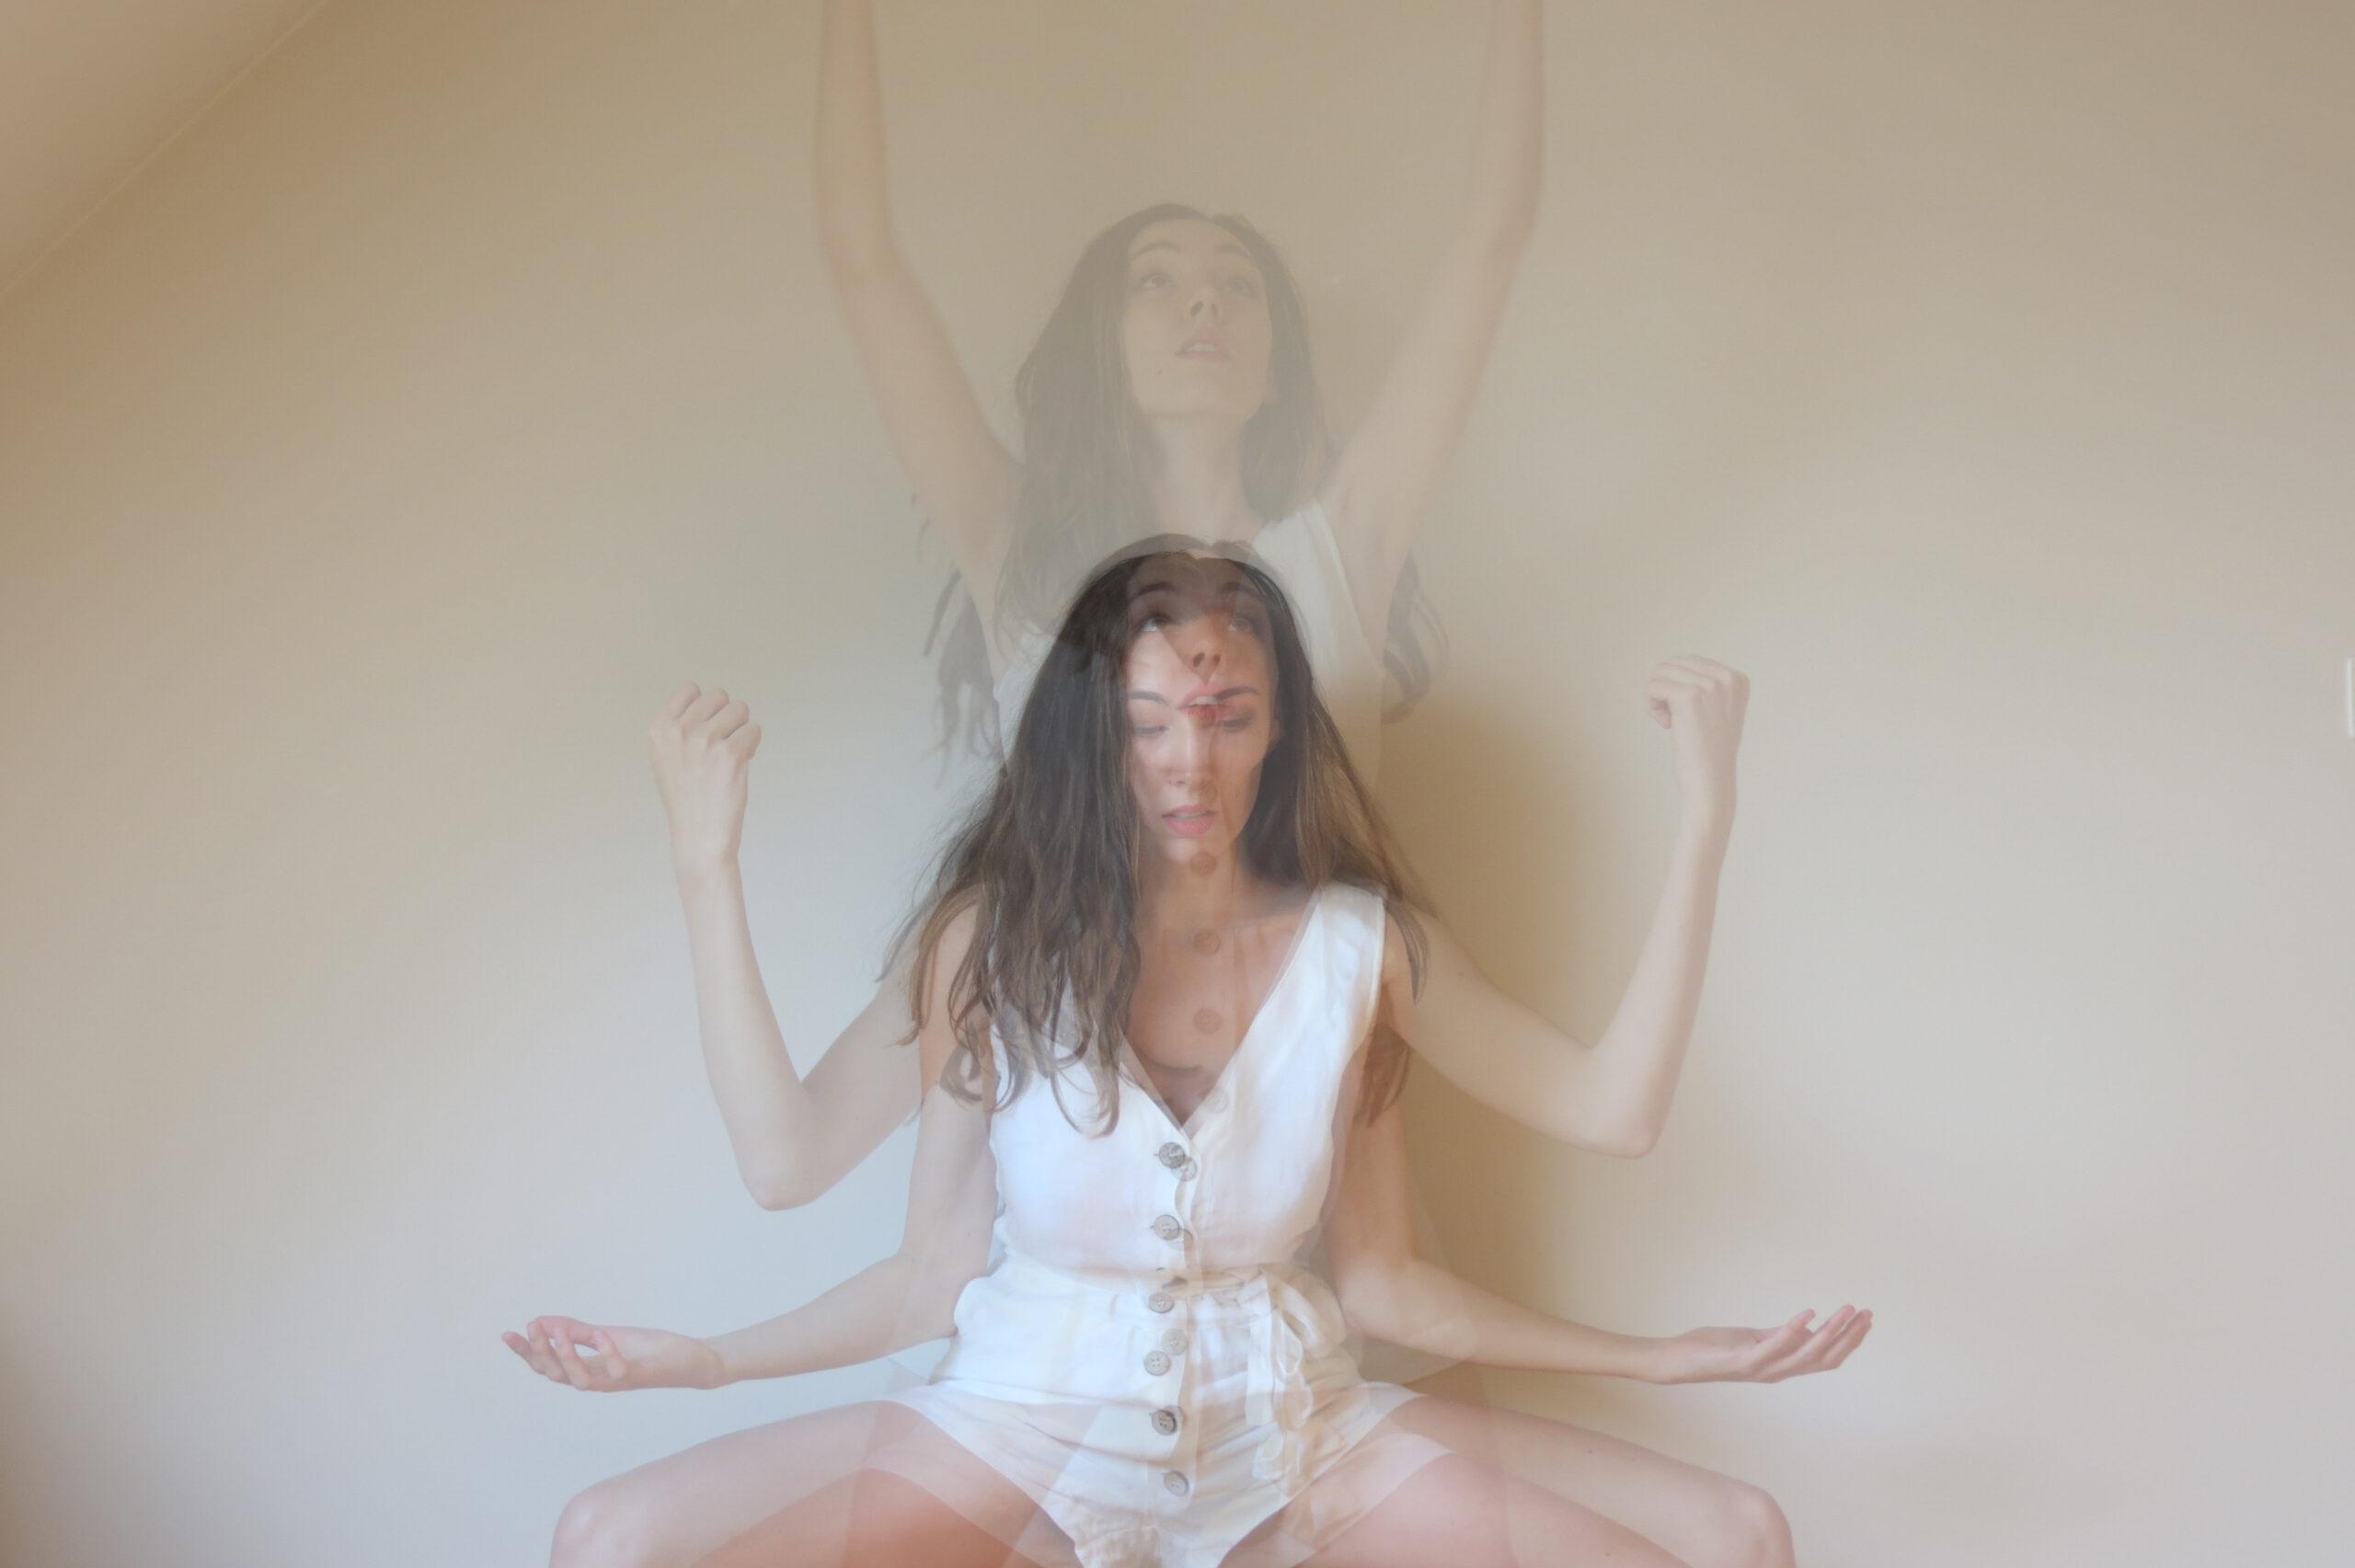 Triple exposition. Dans ce mouvement, mon regard s'étend du sol au ciel. Entre la réalité et l'évasion.